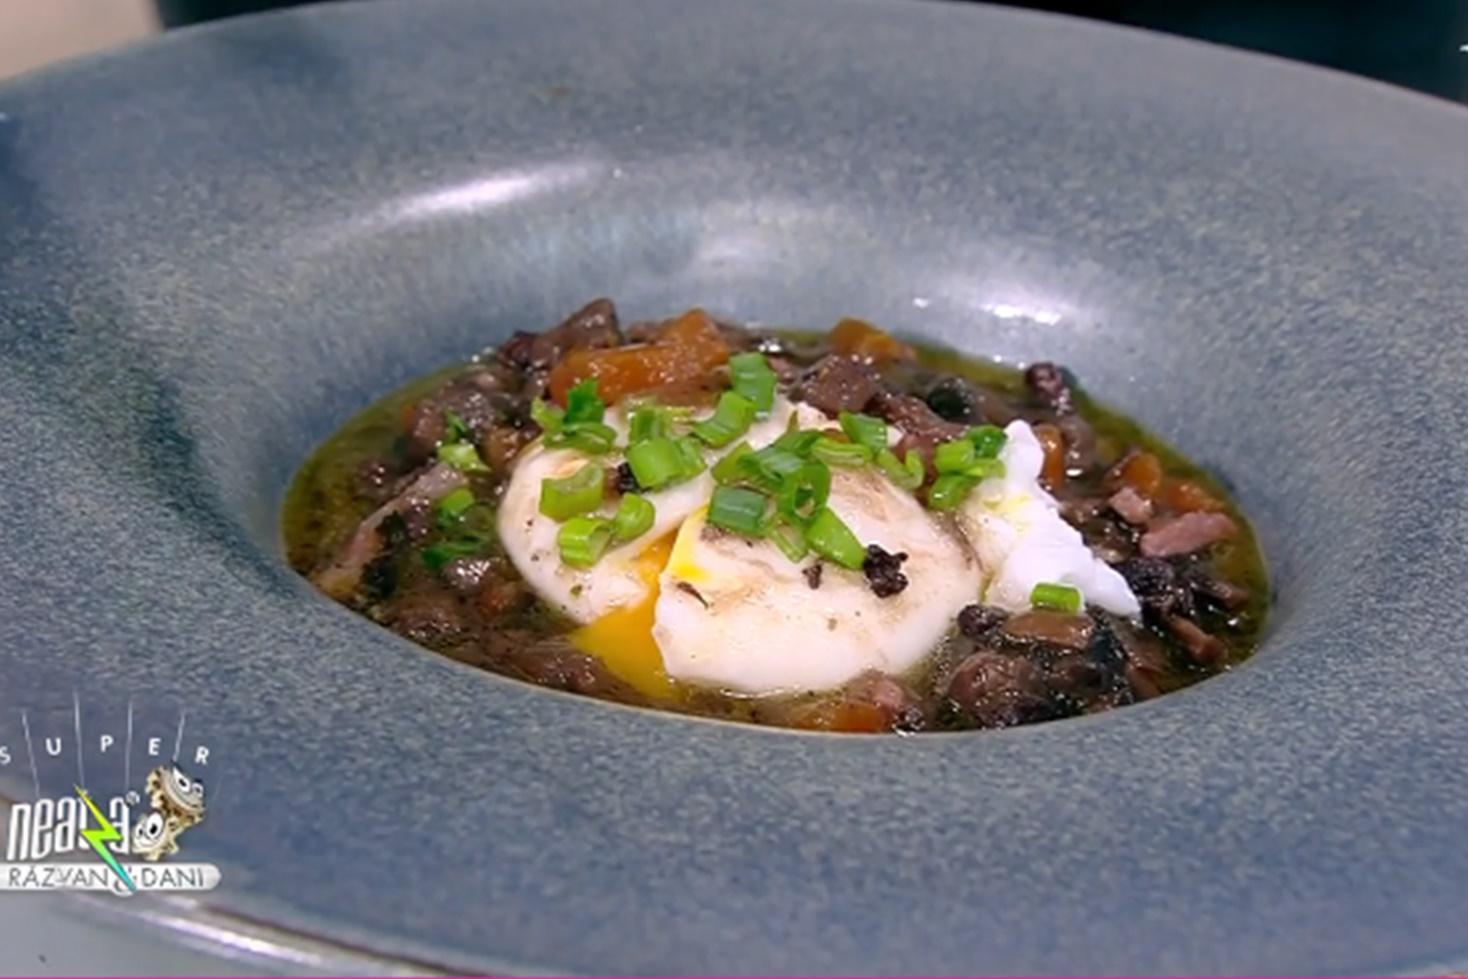 Ouă poșate în sos de vin roșu. Rețetă din bucătăria franțuzească, preparată de Chef Nicolai Tand